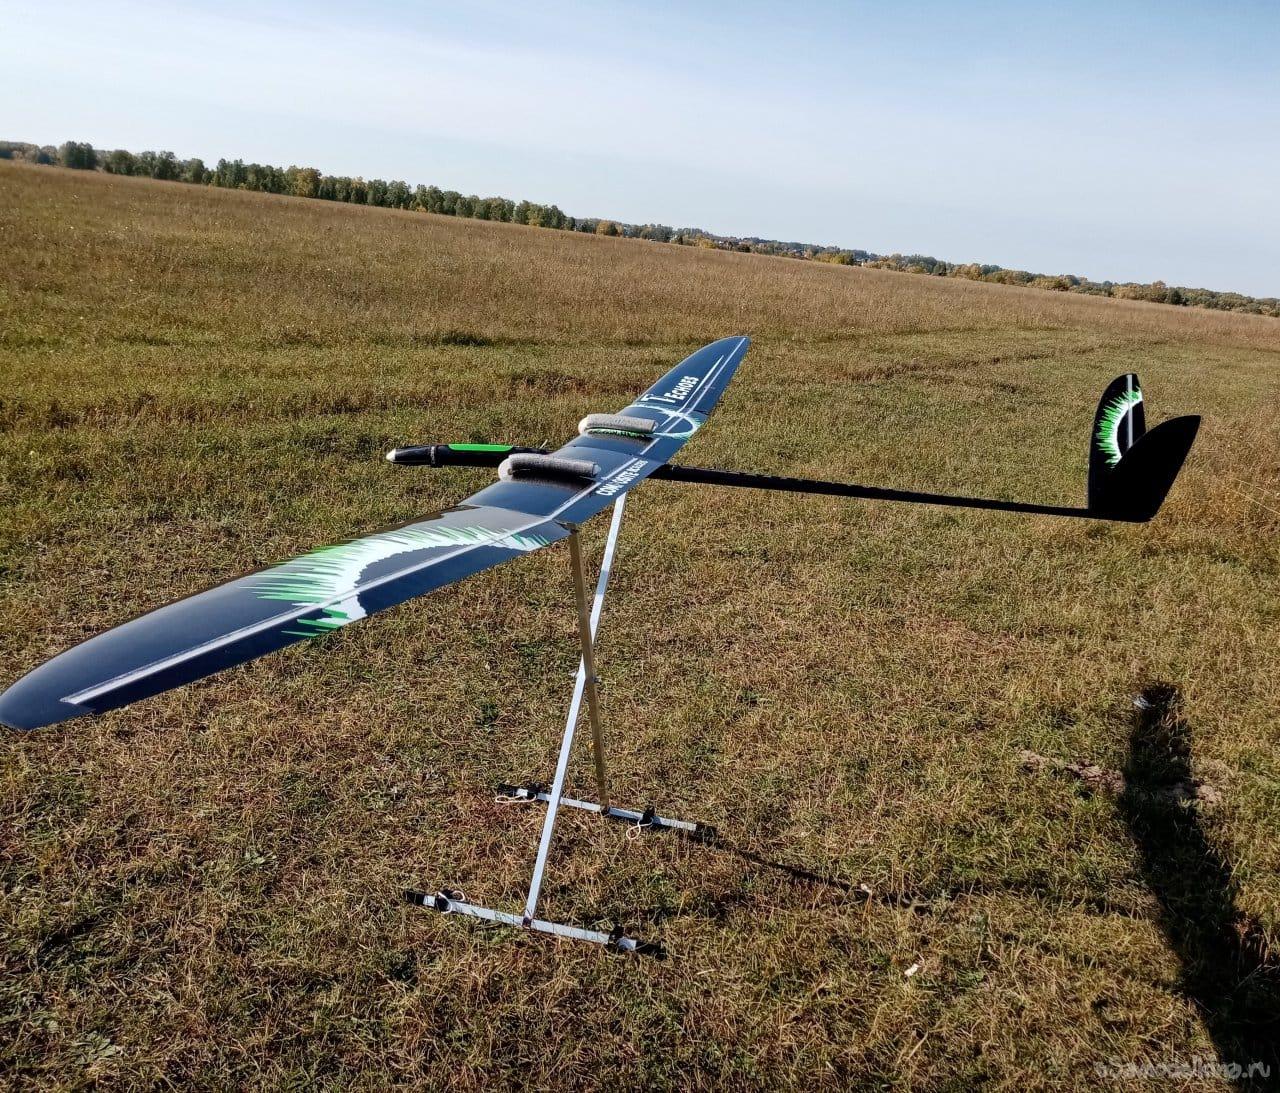 F5J class glider carbon fuselage tab